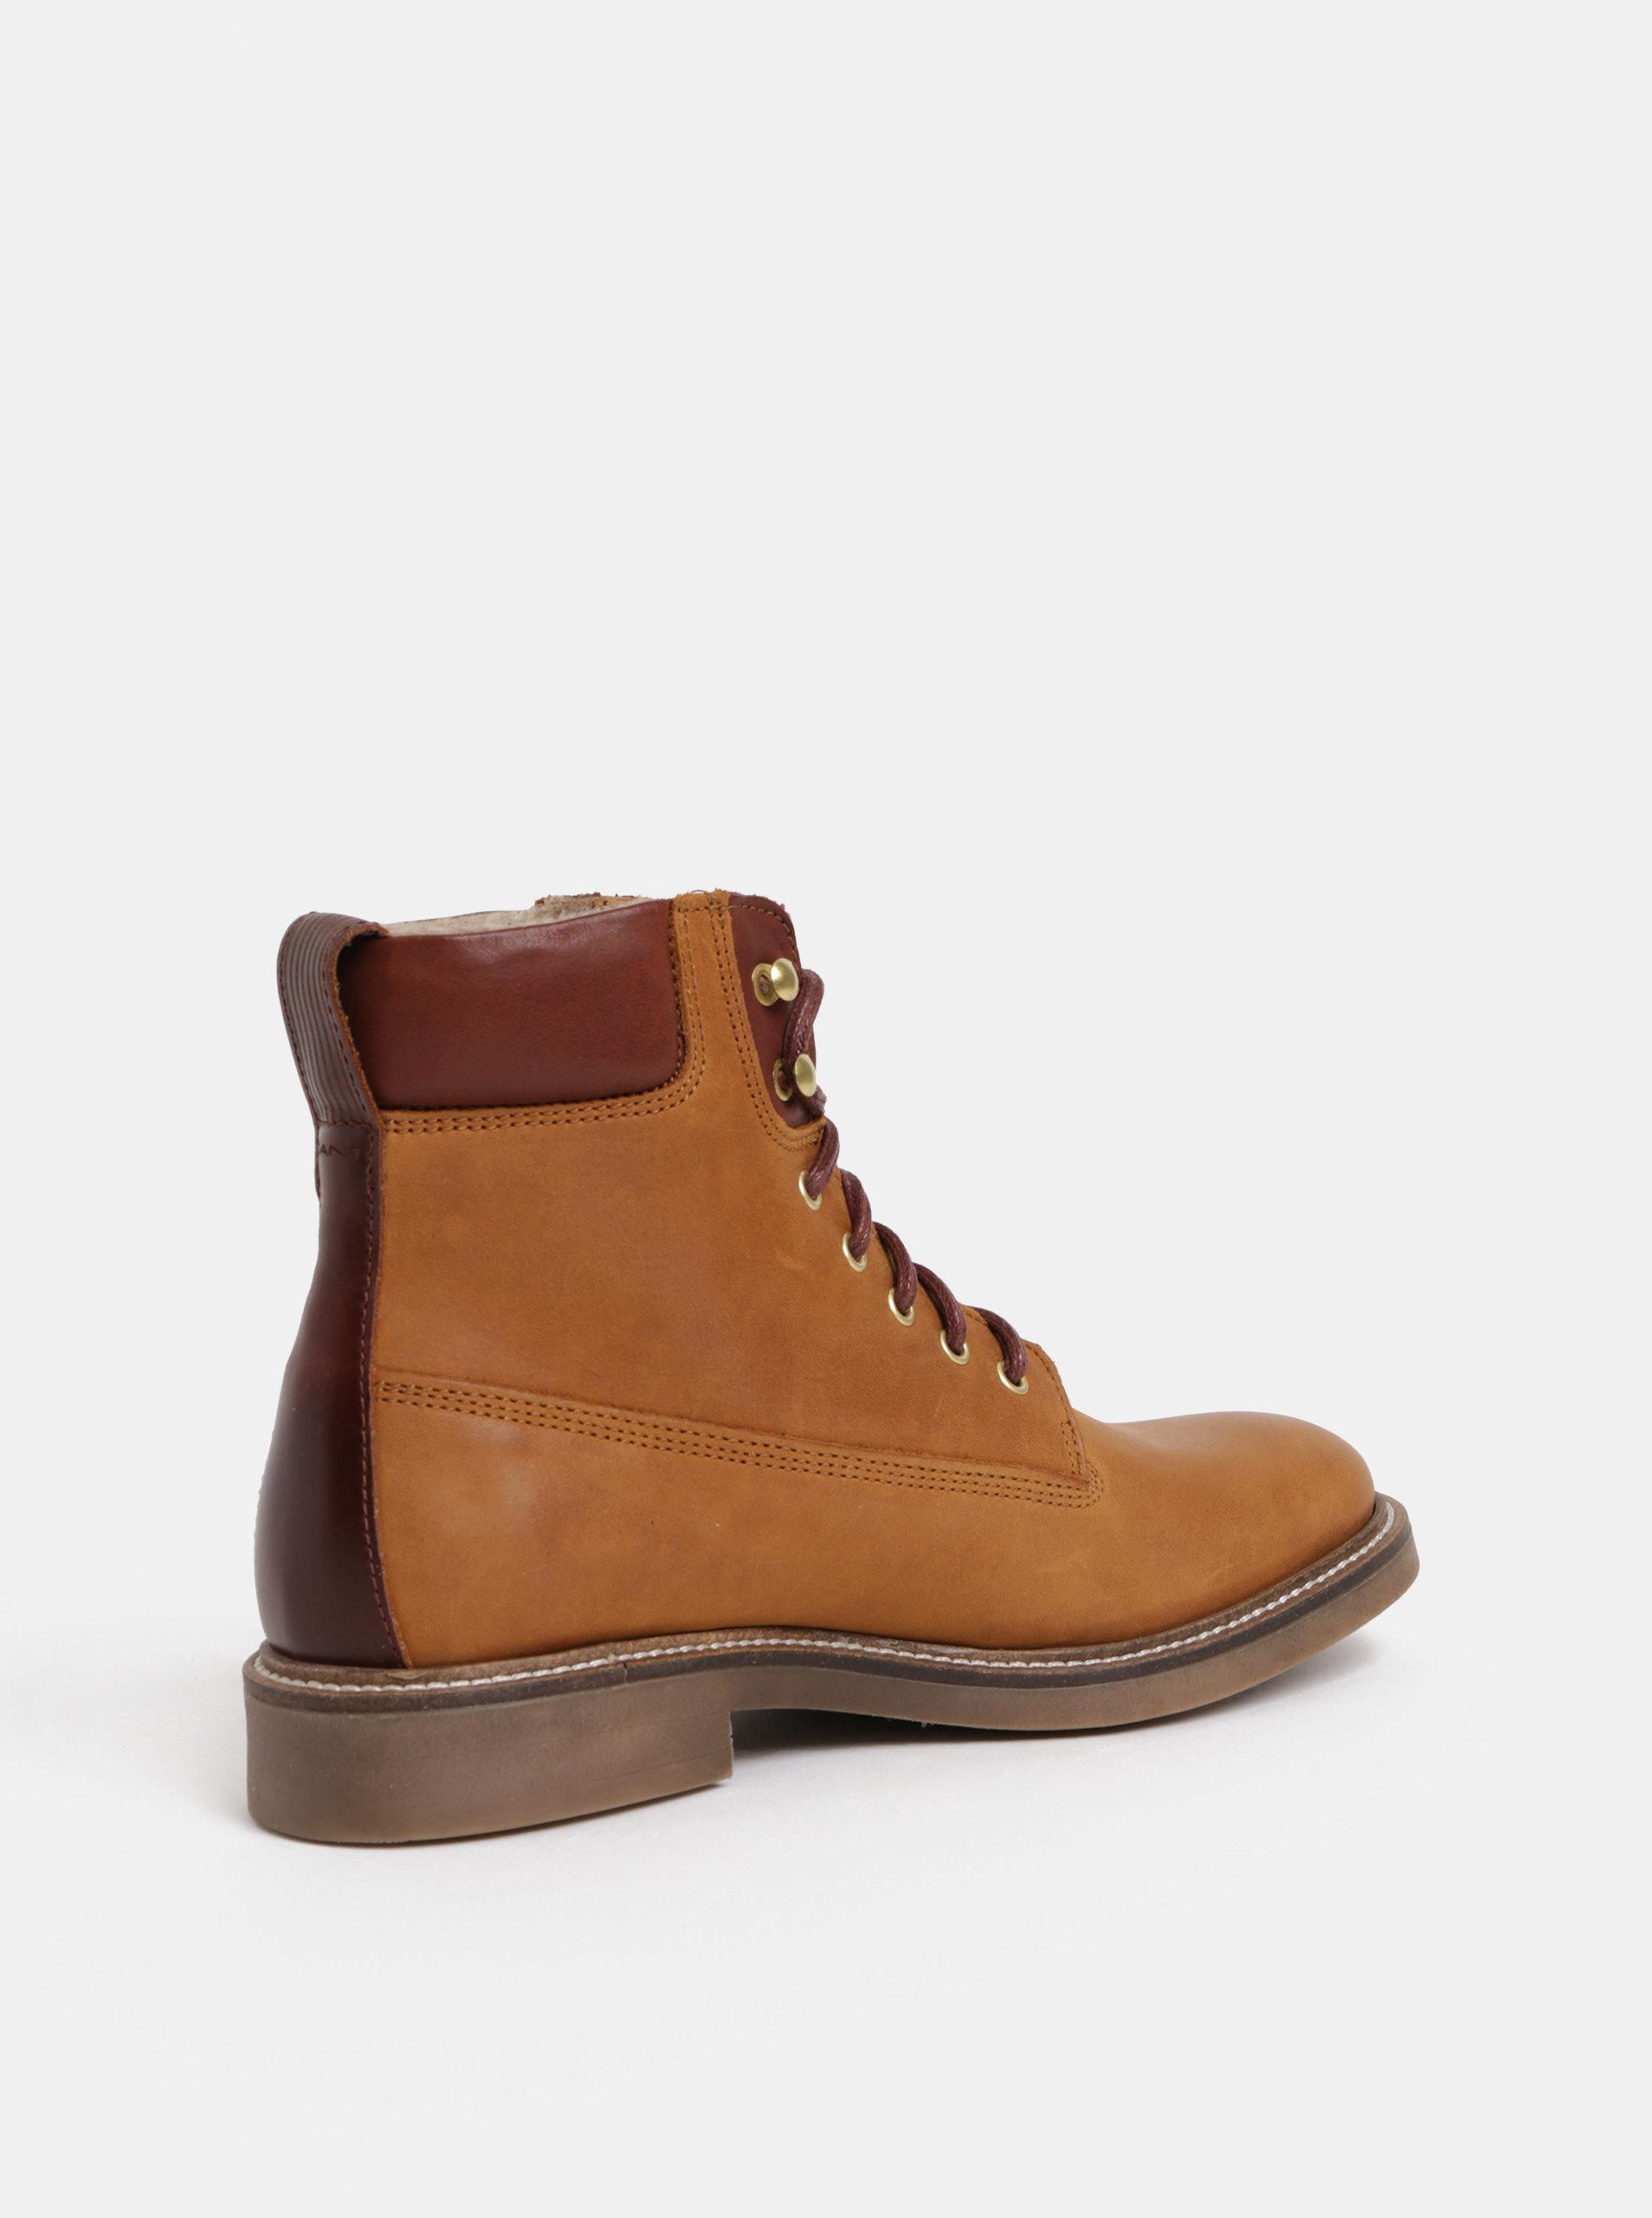 561678dd9dfb Hnedé dámske kožené členkové zimné topánky GANT Ashley ...